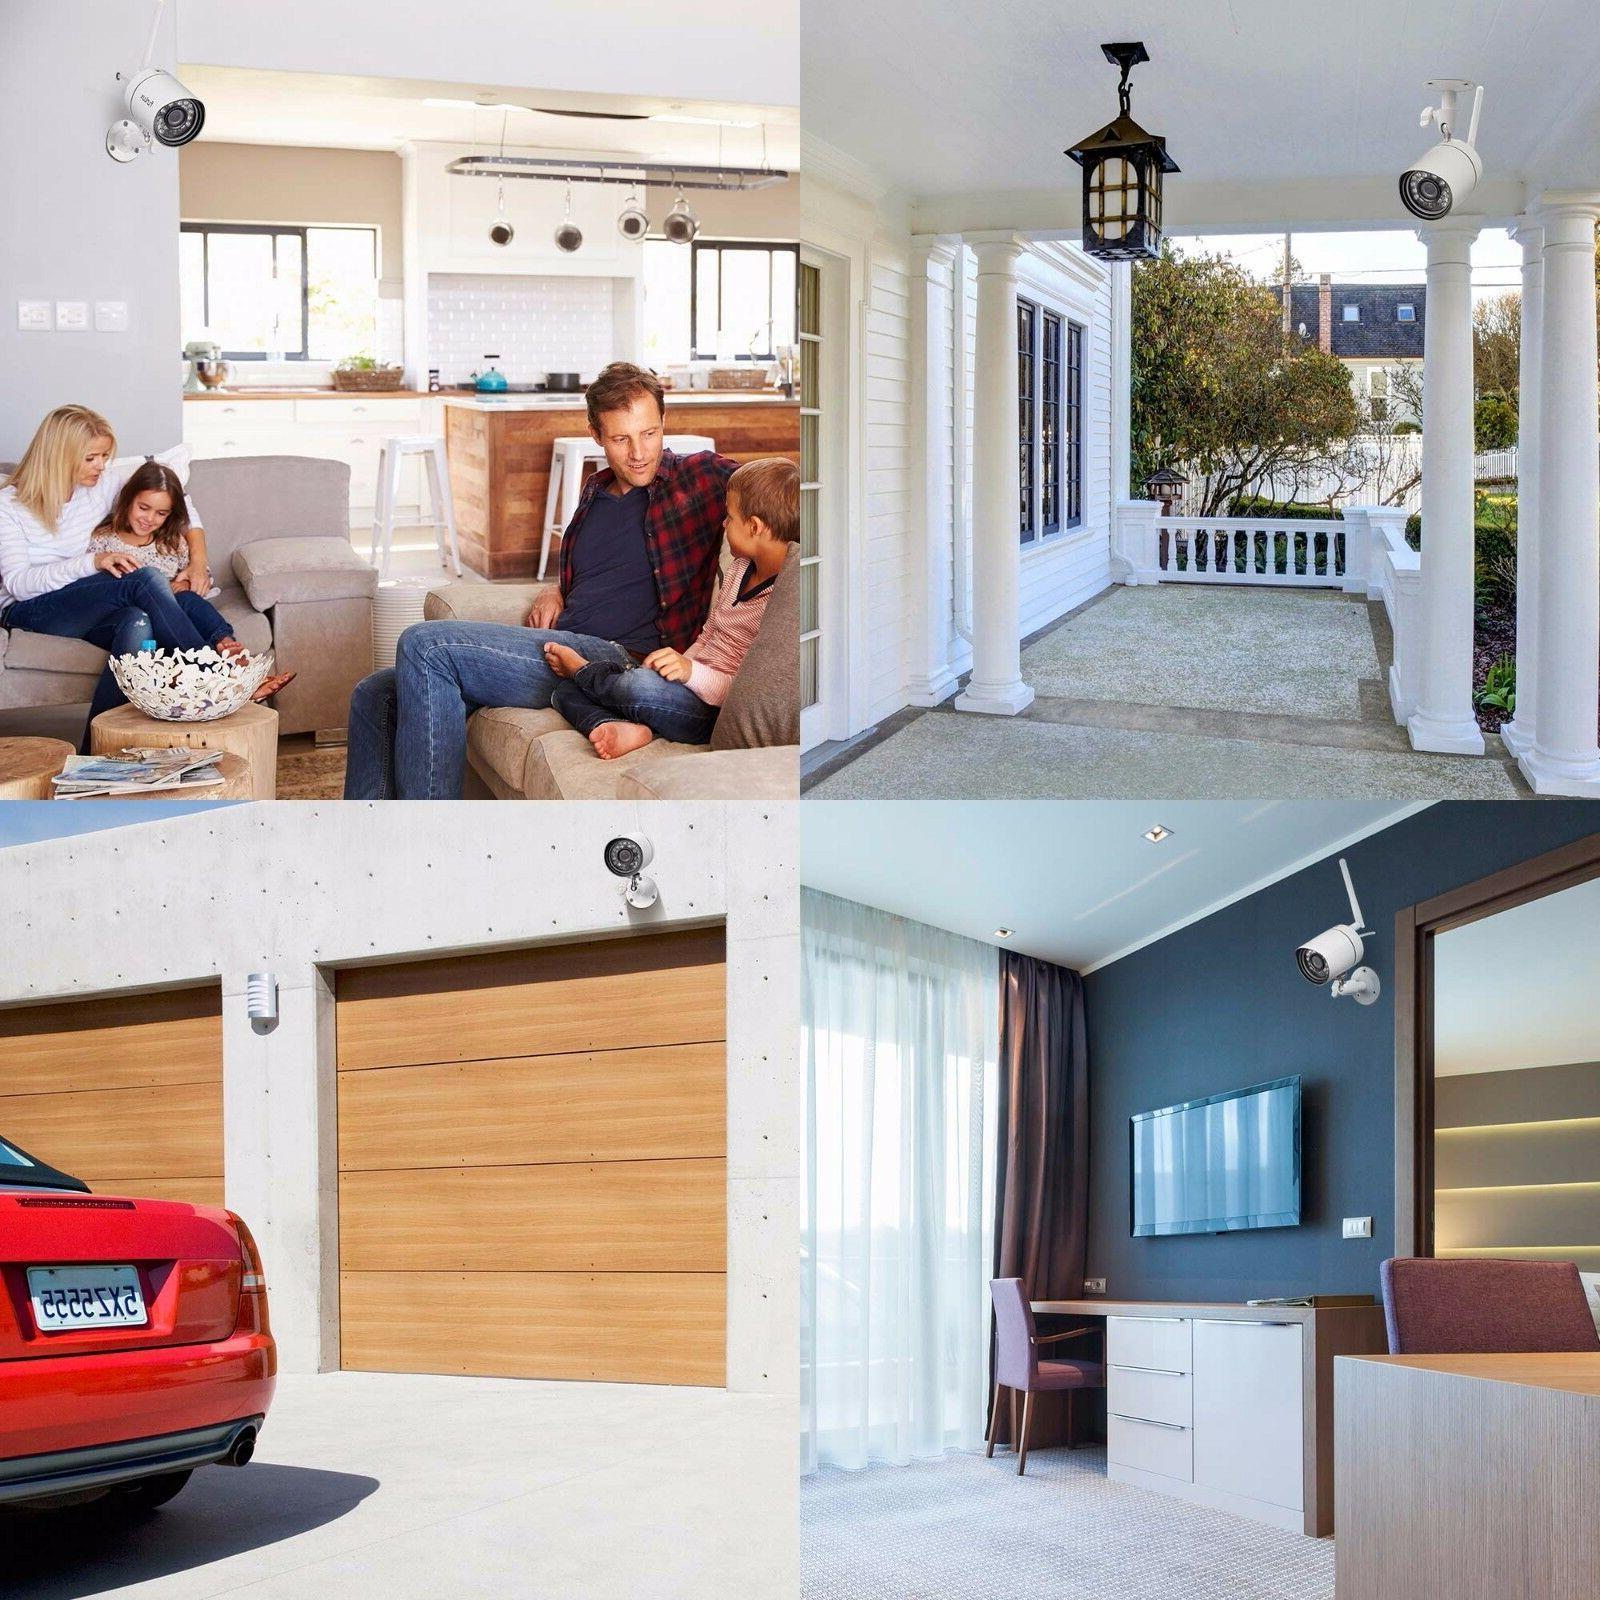 Funlux HD Network Wireless Outdoor Indoor Home Security